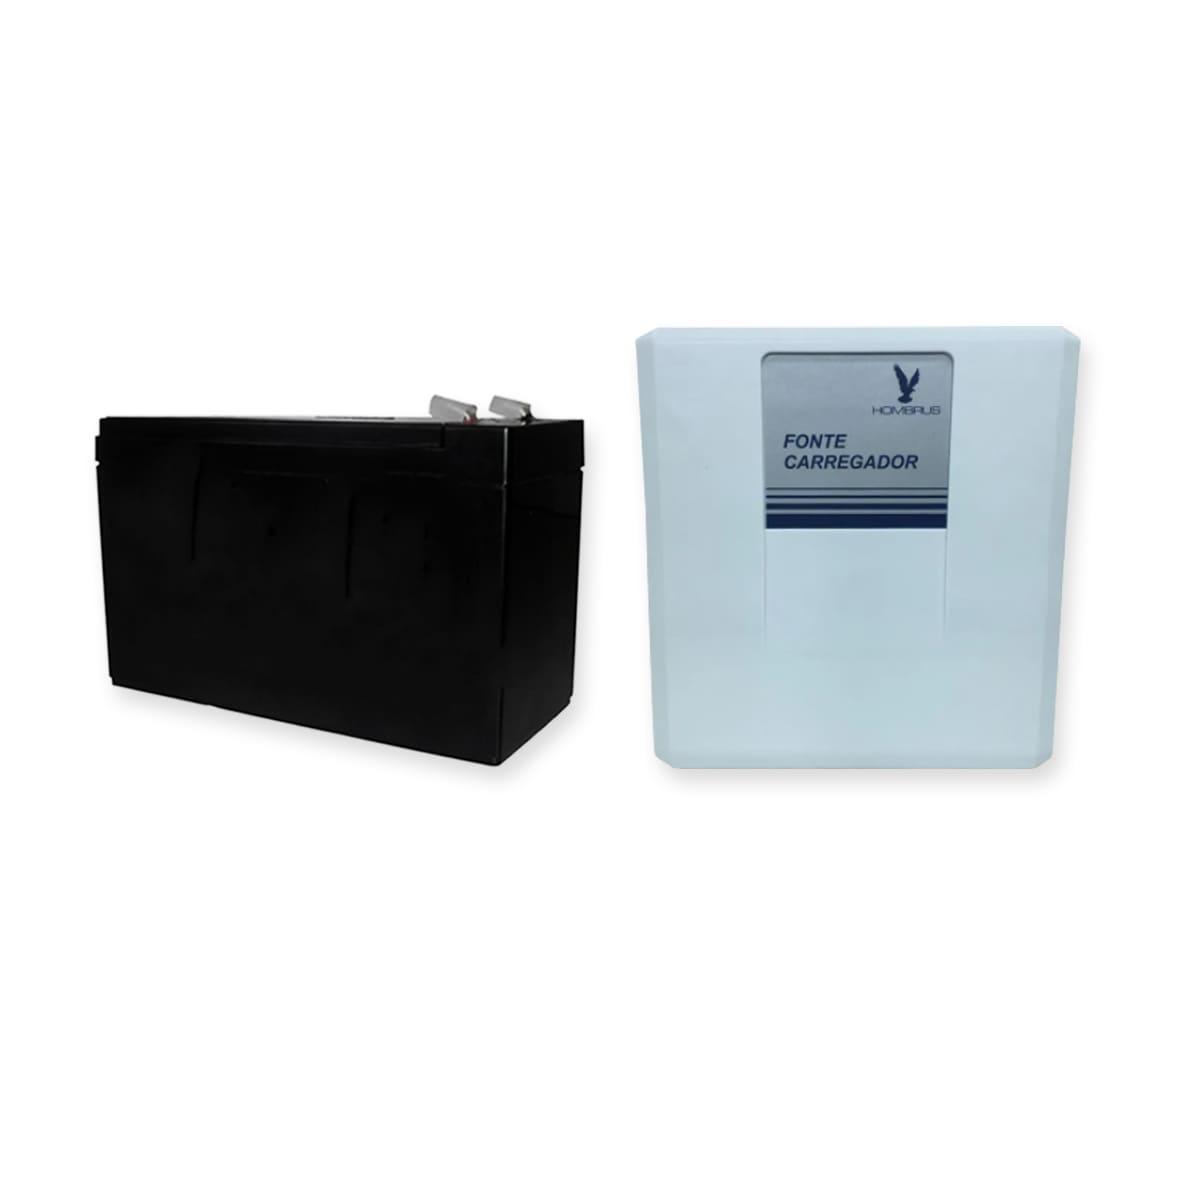 Kit Controle de Acesso Intelbras Com Fechadura Eletroimã Tag e Fonte